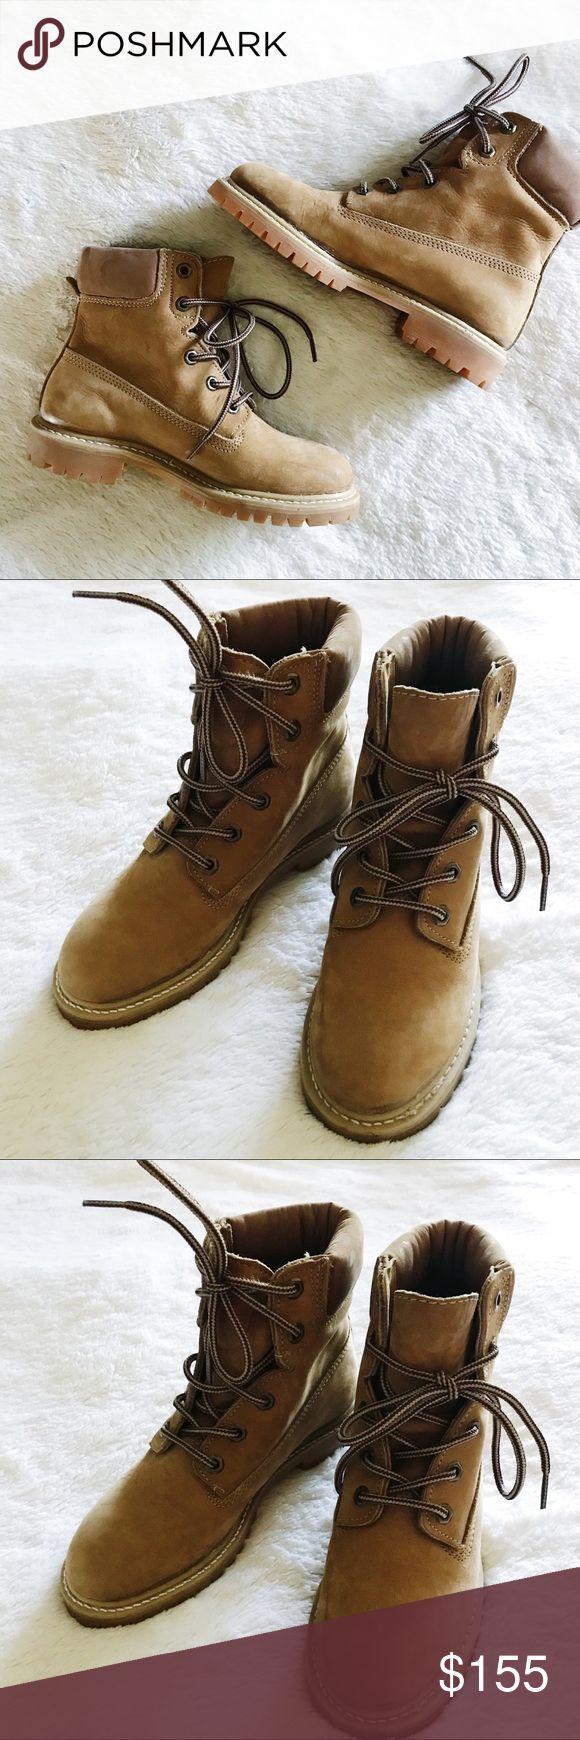 Eddie Bauer hiking boots NEW NWOT. Eddie Bauer Shoes